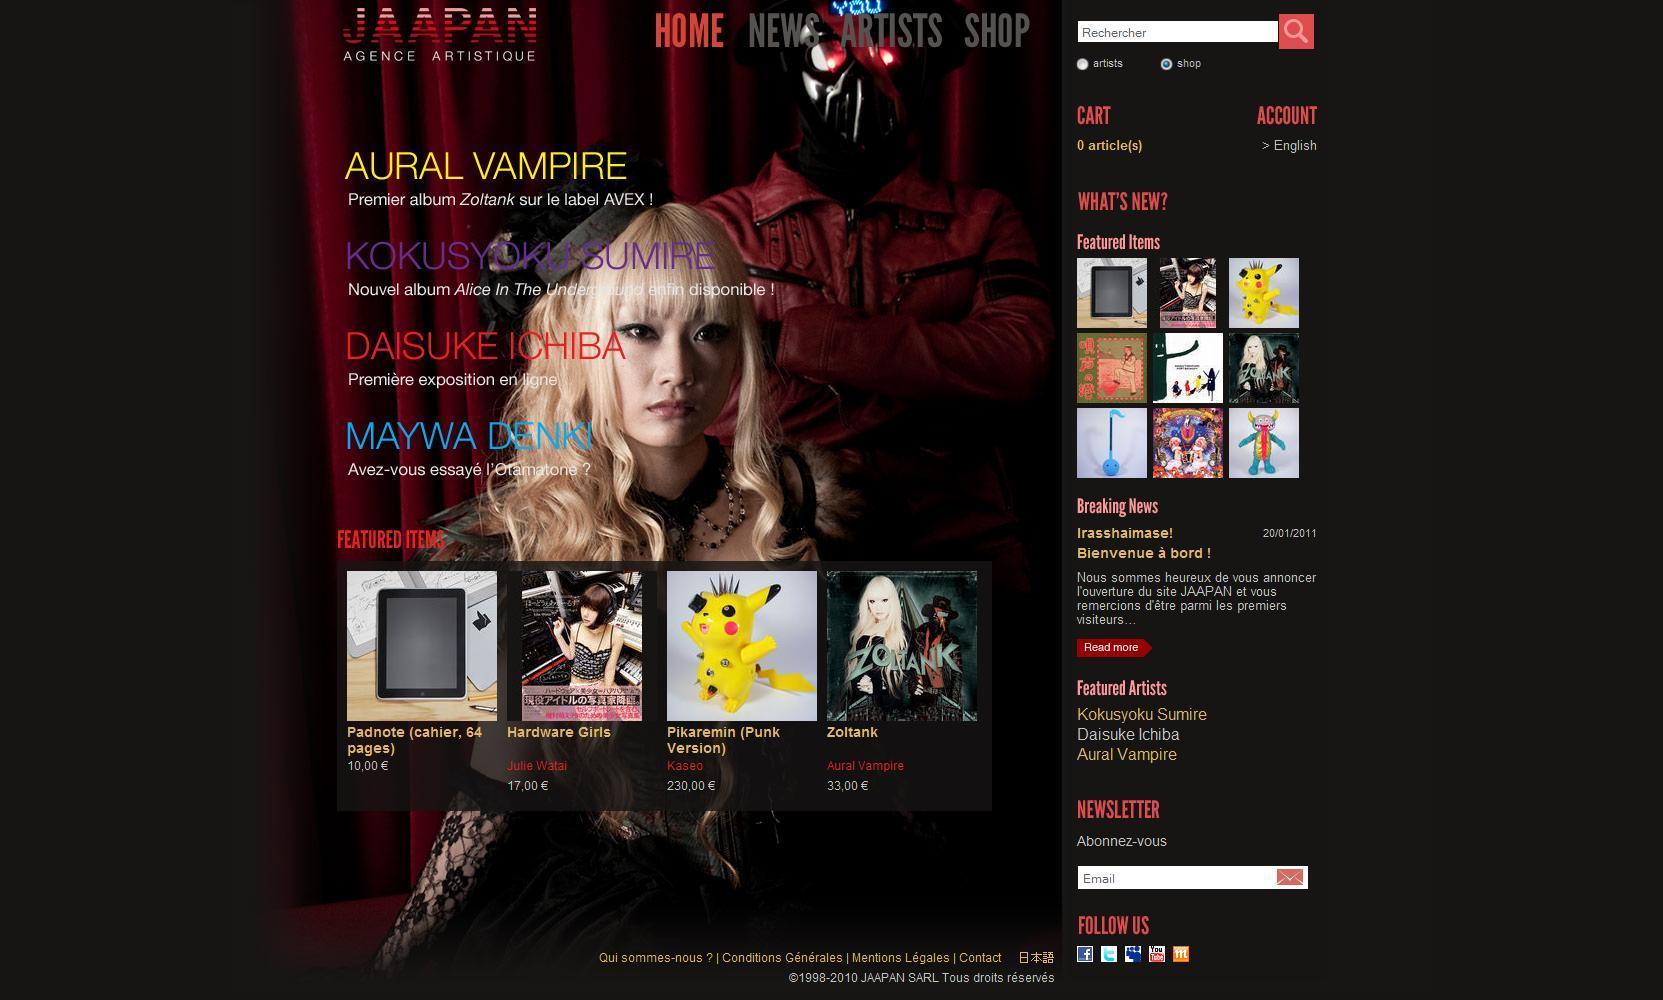 JAAPAN - agence artistique - créativité contemporaine japonaise_1294953292615